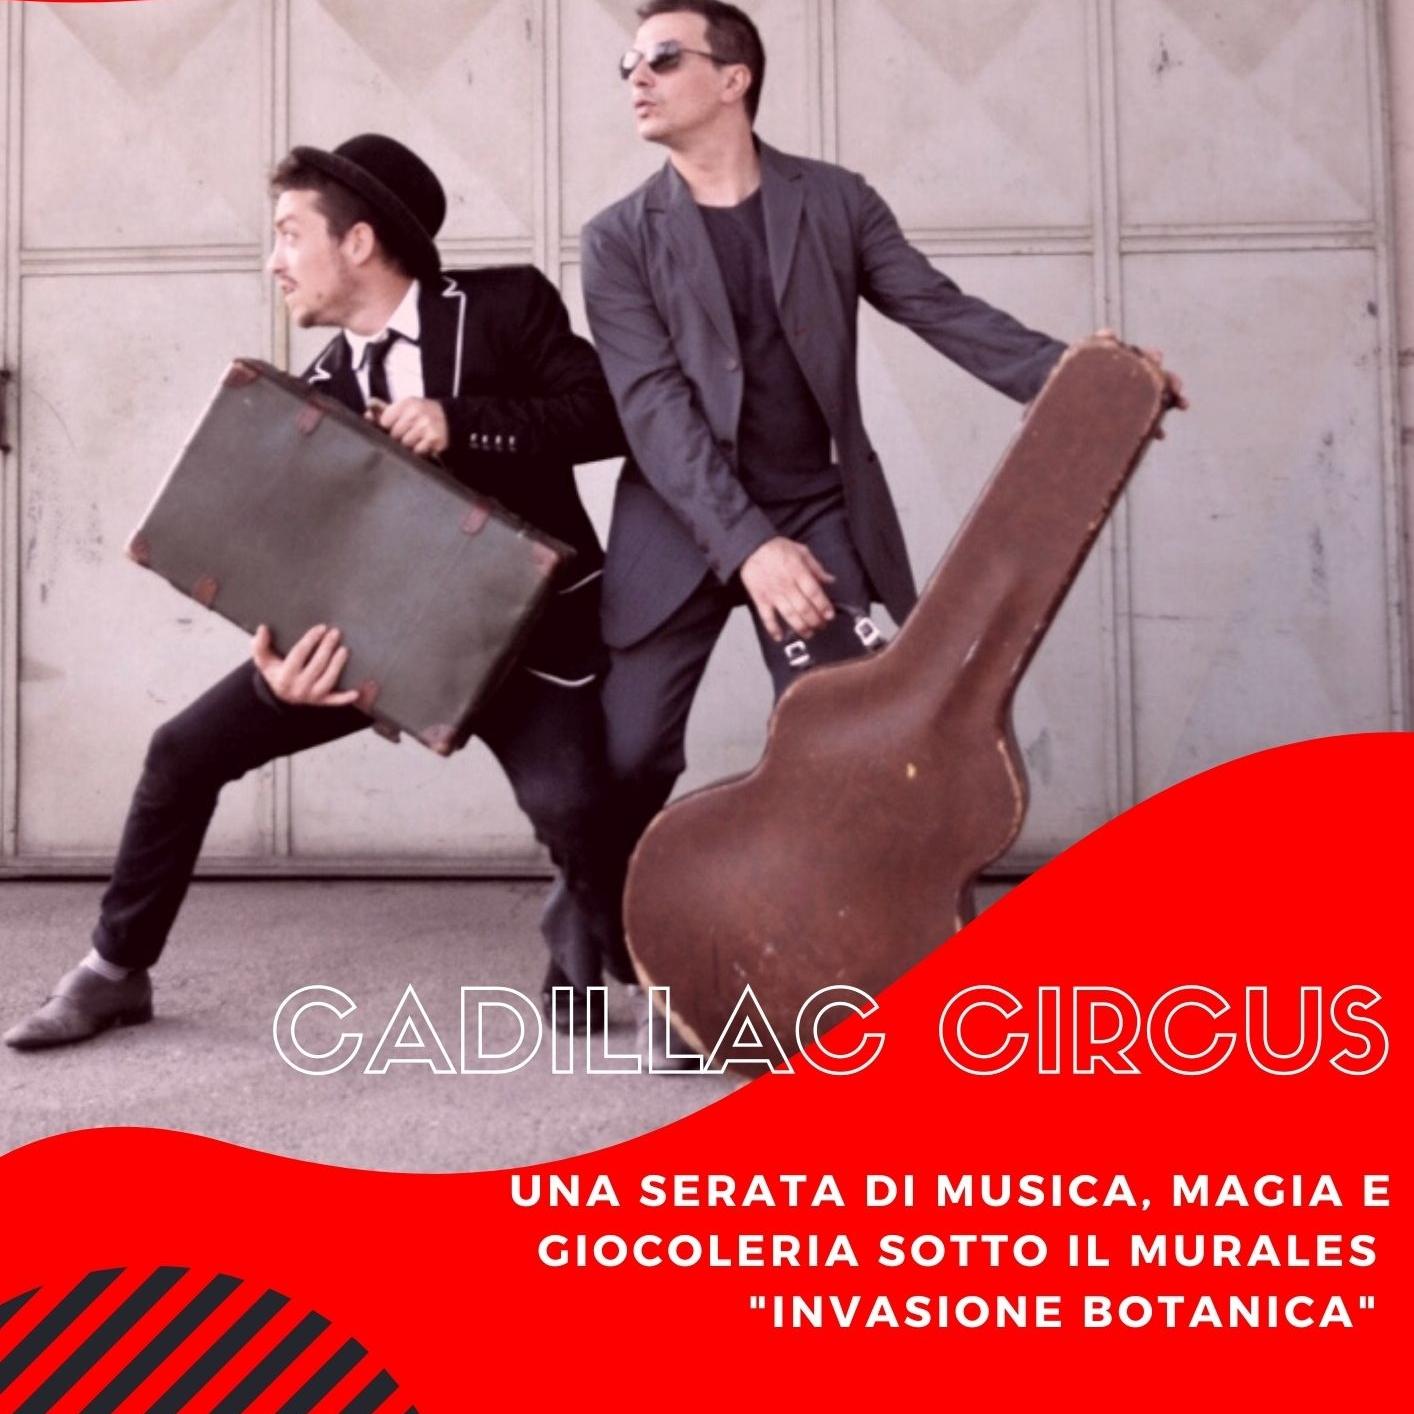 Cadillac Circus - Musica, Giocoleria, Magia Davanti Al Murales di Ericalicane -  Giovedì 2 settembre, ore 21.00